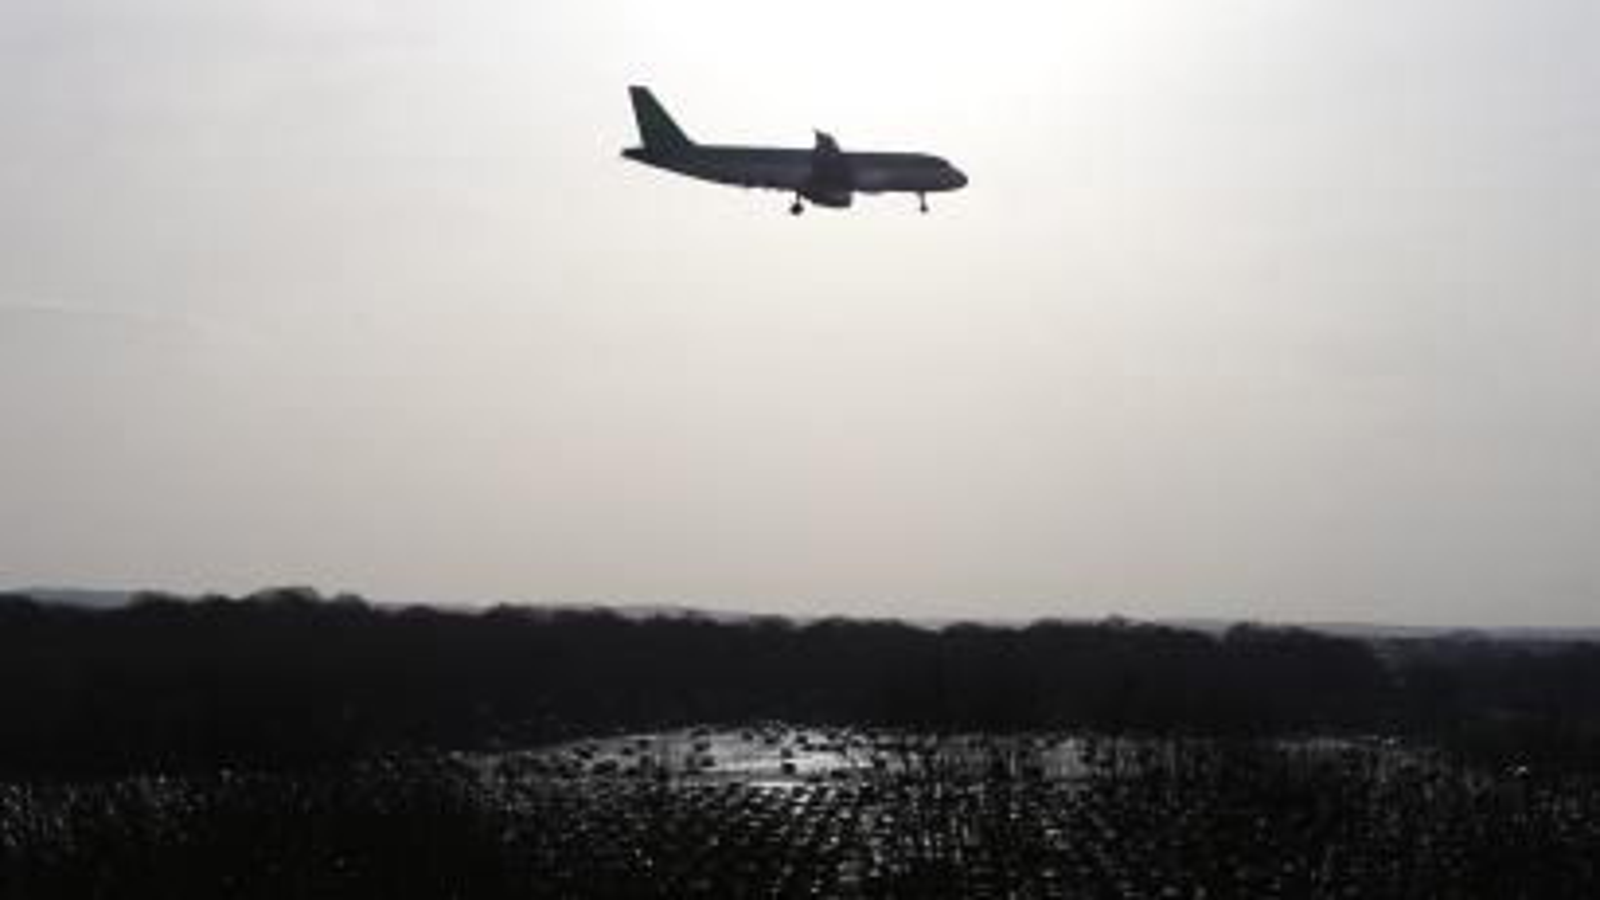 An aircraft lands at Gatwick, UK.